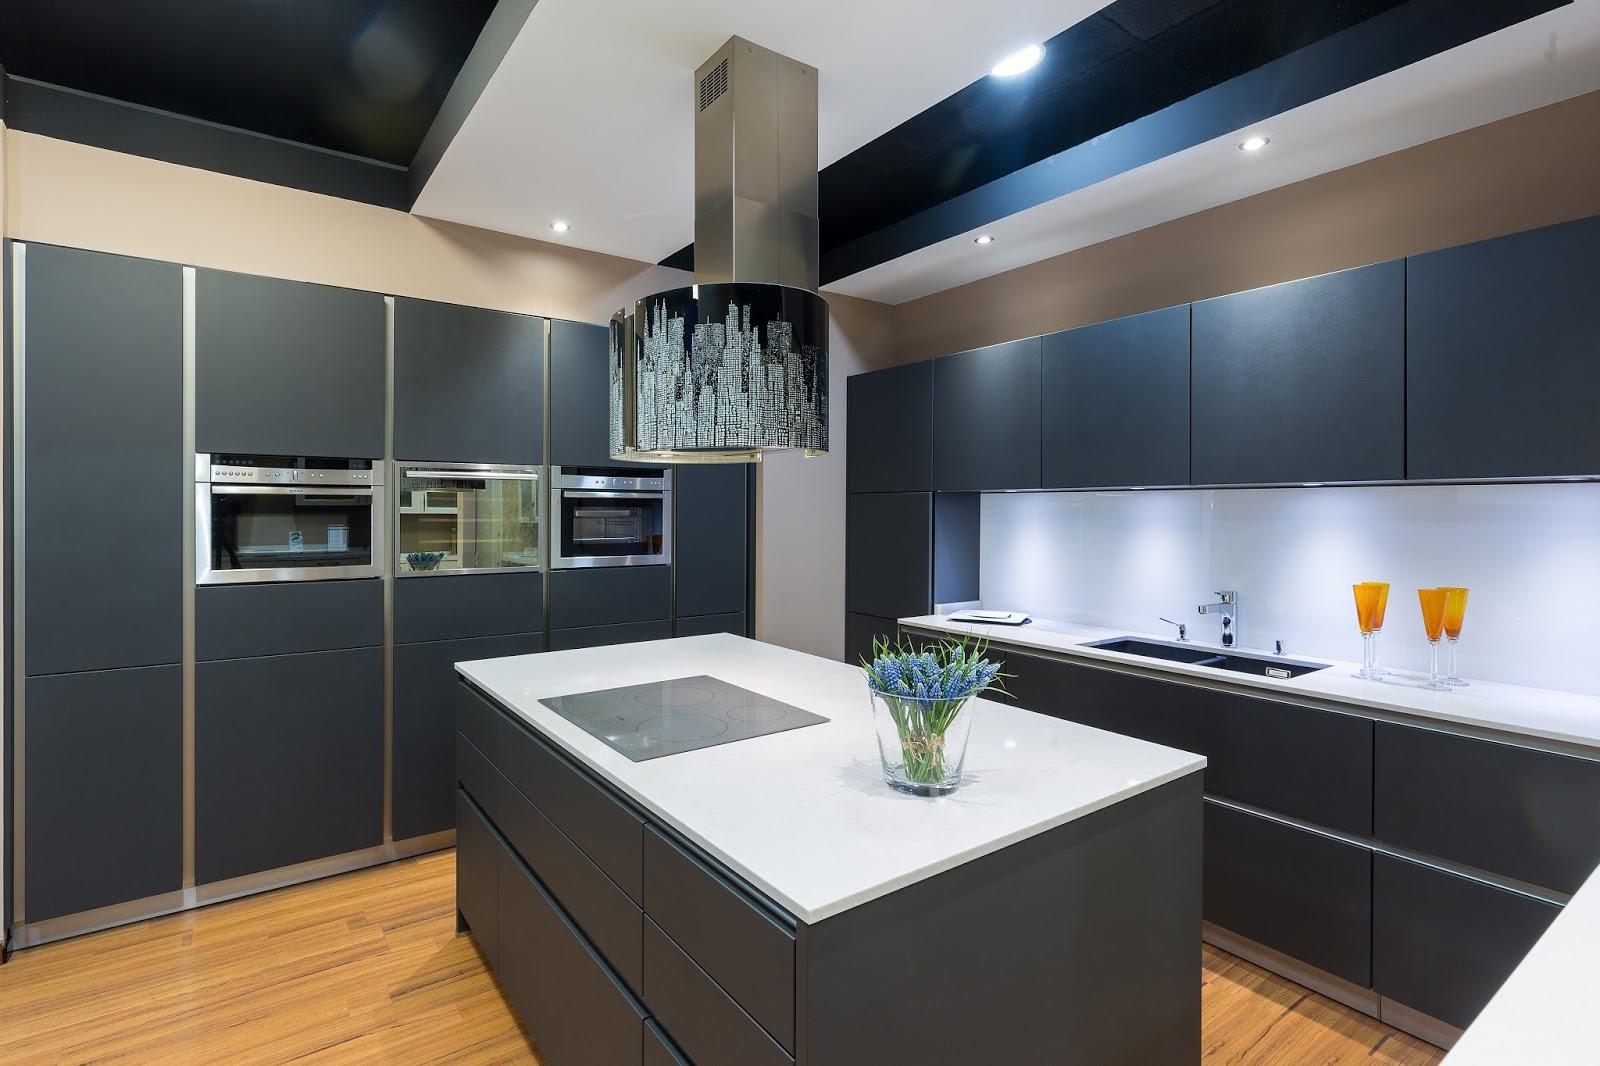 Deco la cocina actual dise os abiertos y funcionales for Cocina 15 metros cuadrados